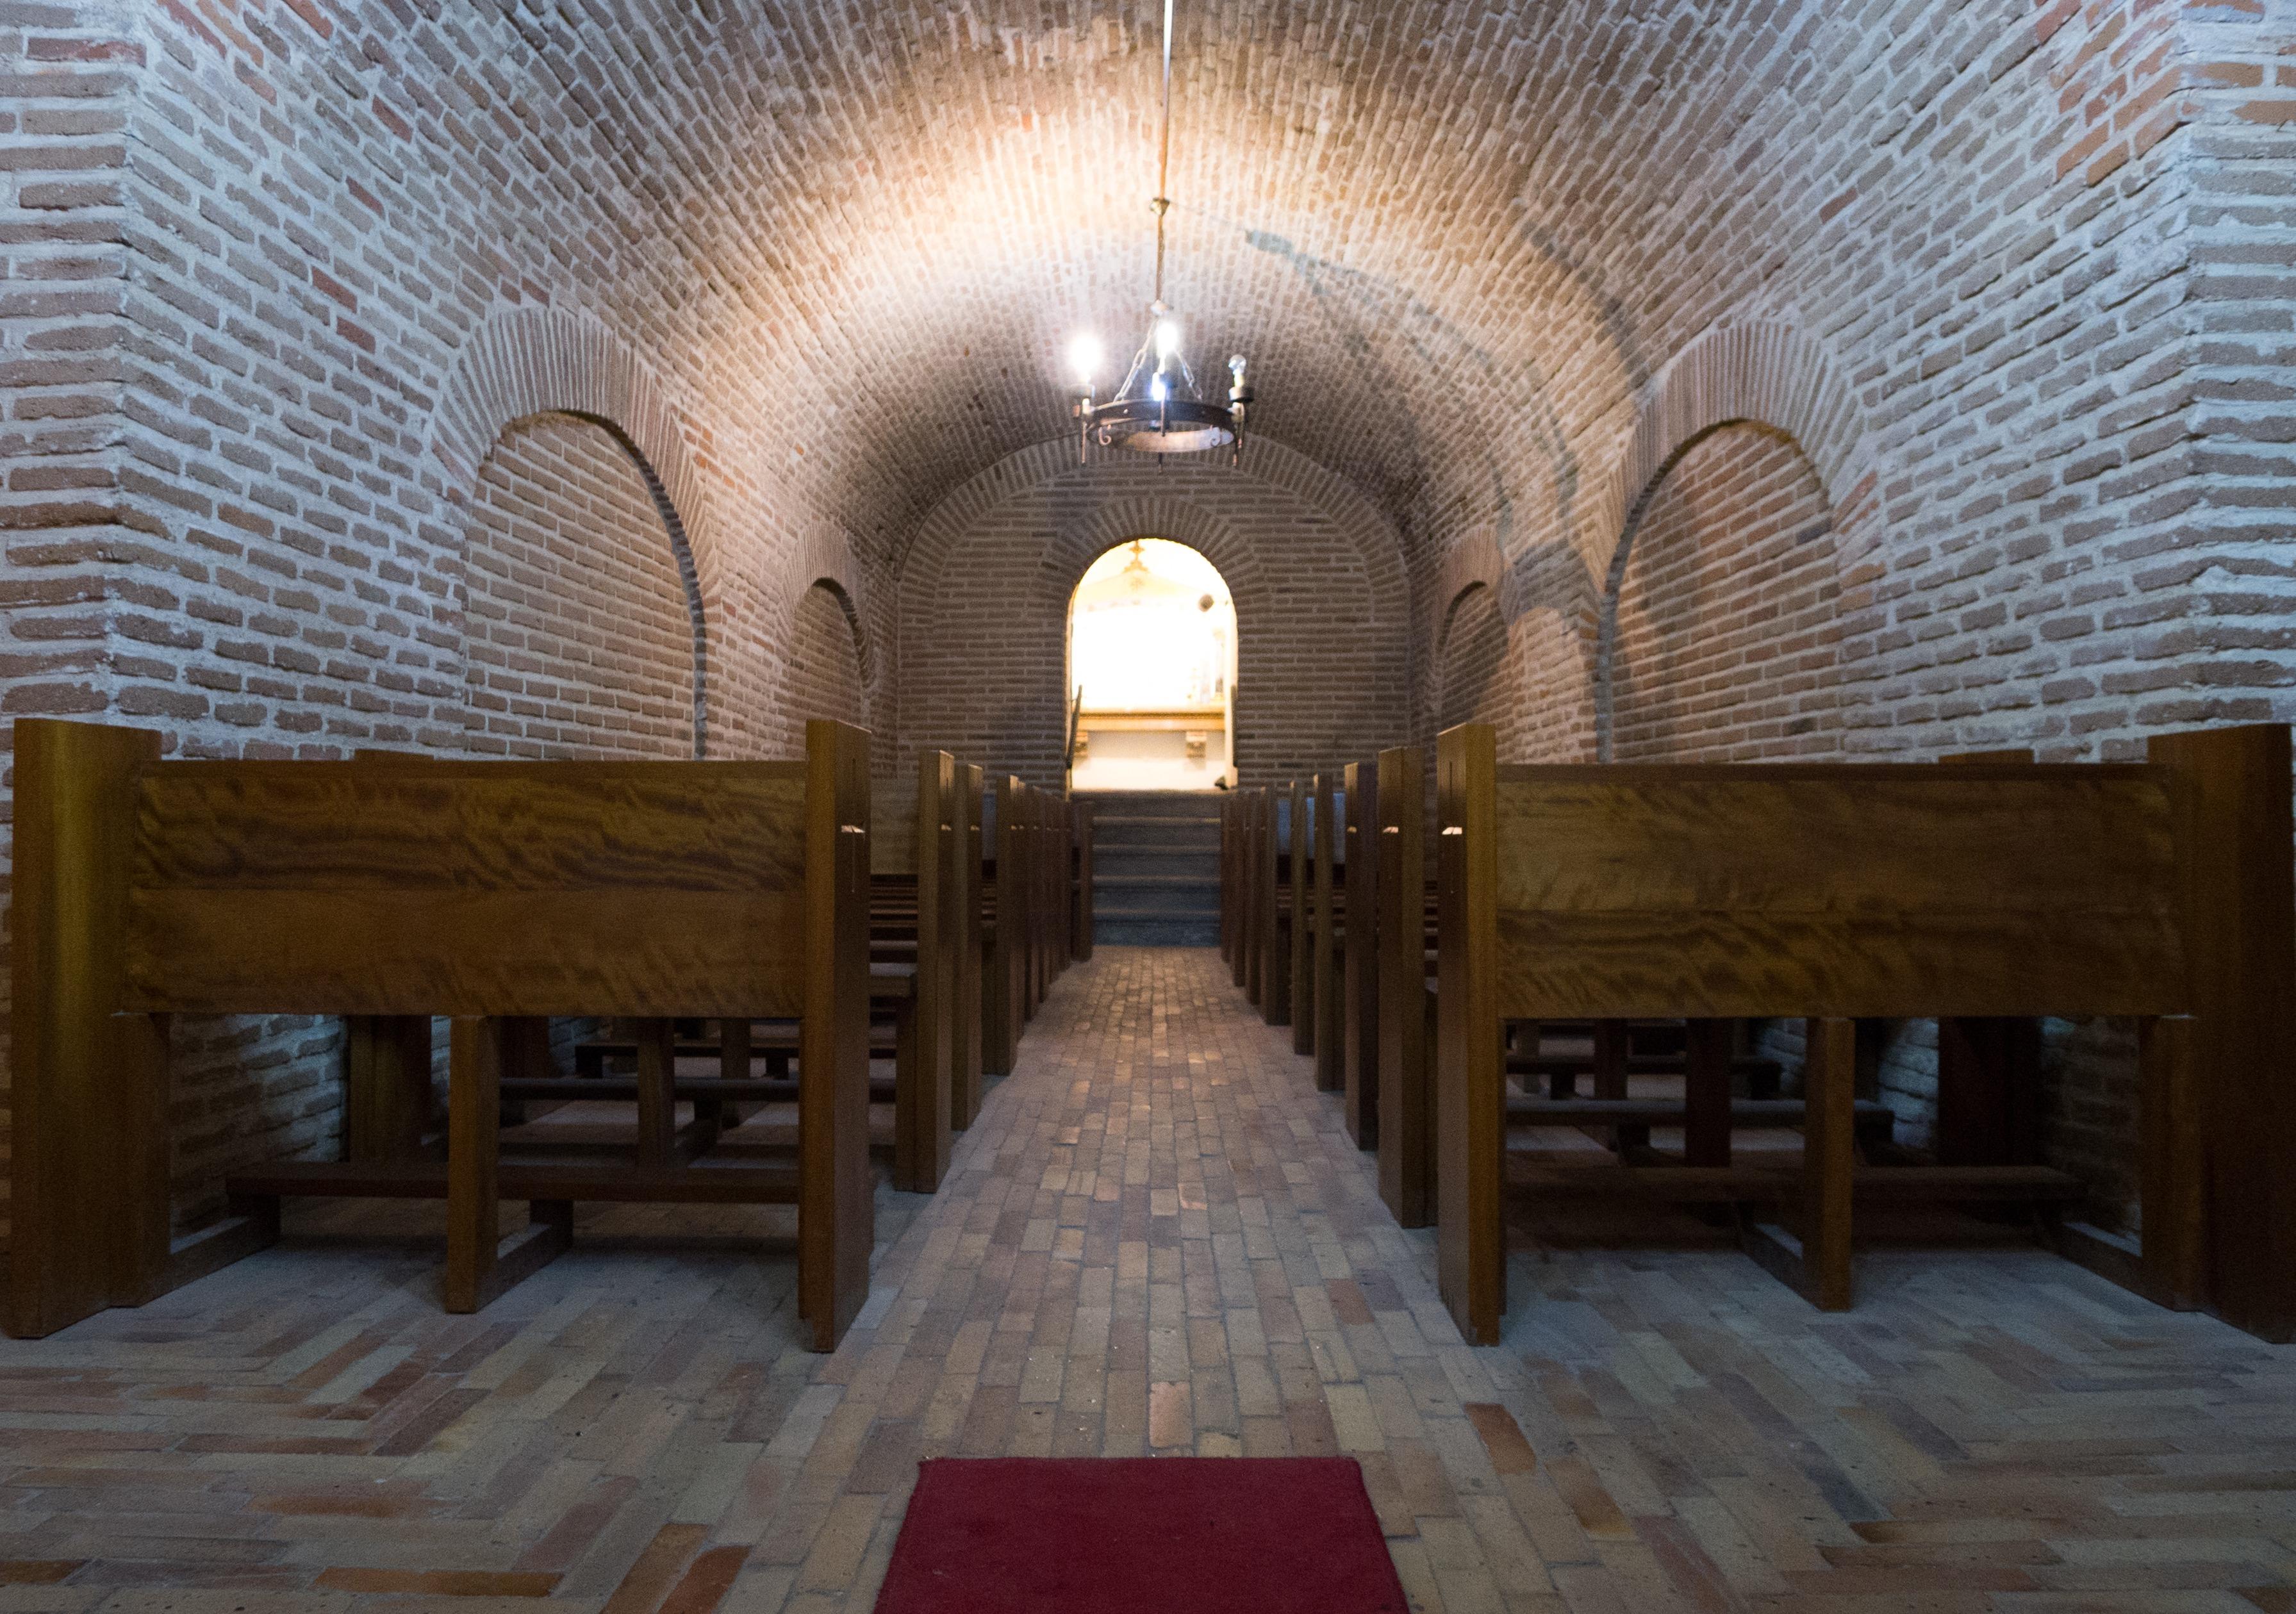 images gratuites lumi re sol b timent tunnel salle glise chapelle sous sol lieu de. Black Bedroom Furniture Sets. Home Design Ideas